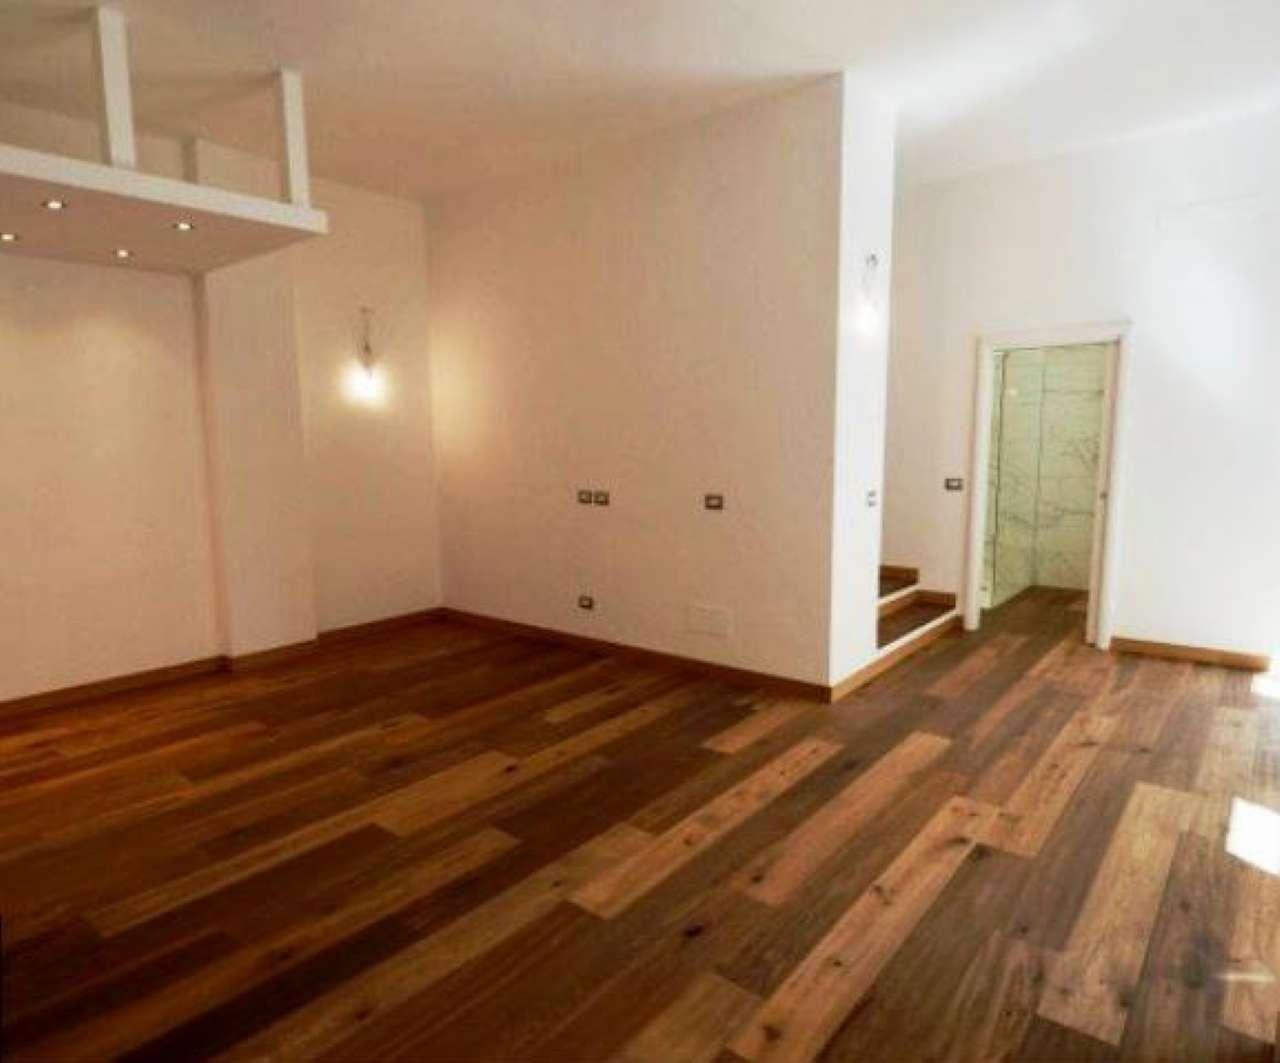 Appartamento in Vendita a Segrate: 2 locali, 63 mq - Foto 3